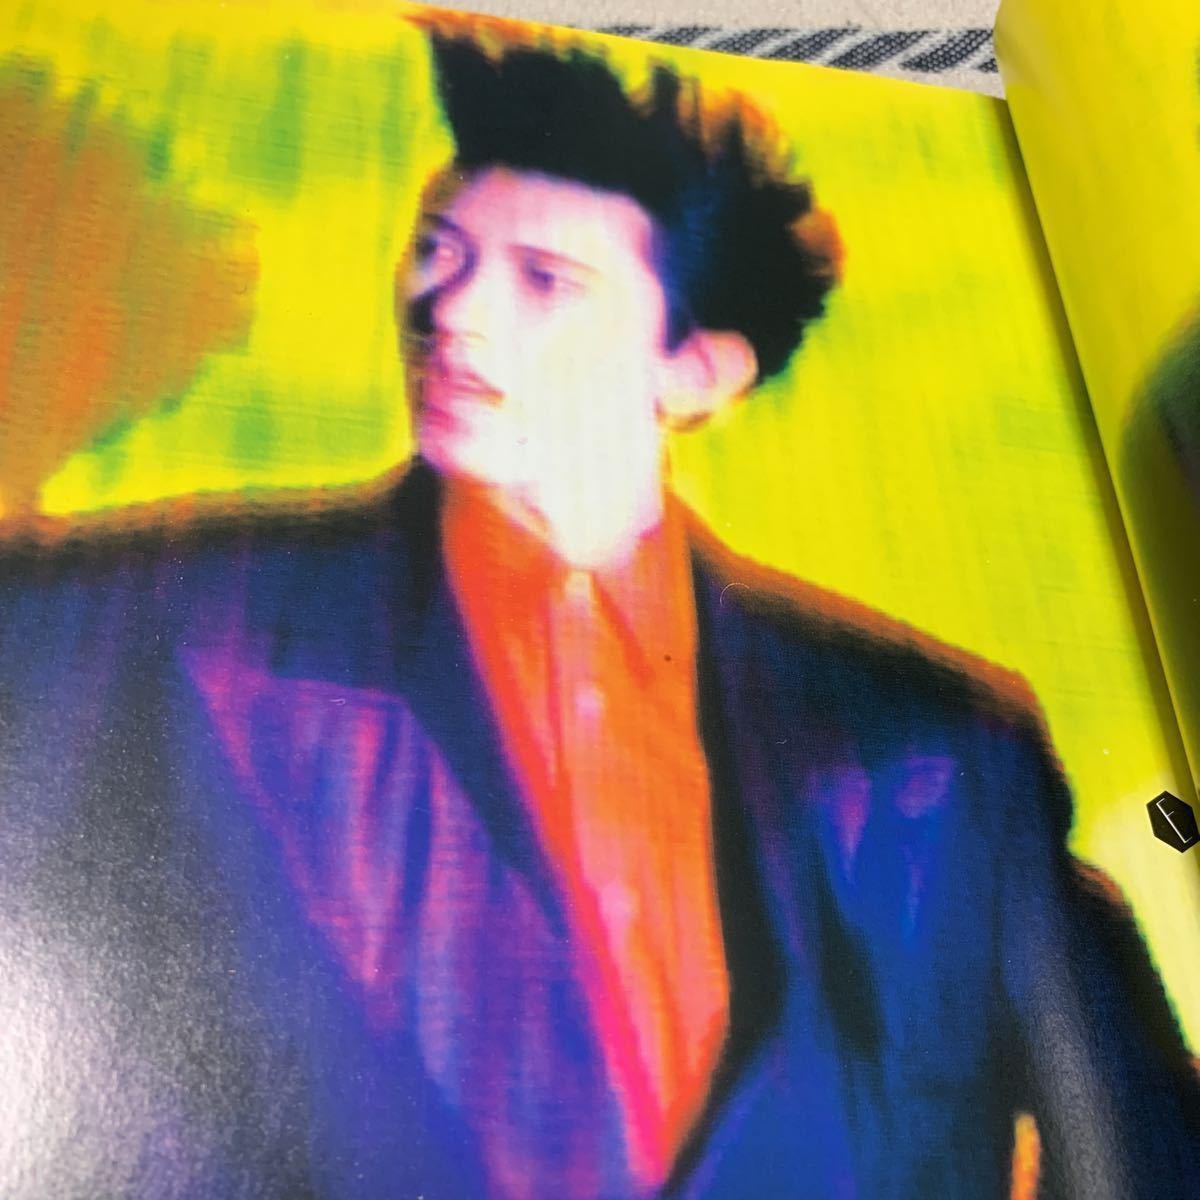 rockin'on japan 1988年 vol.12 布袋寅泰 表紙 BOOWY解散後のはじめて語った解散の真相 LAST GIGS 直後_画像6